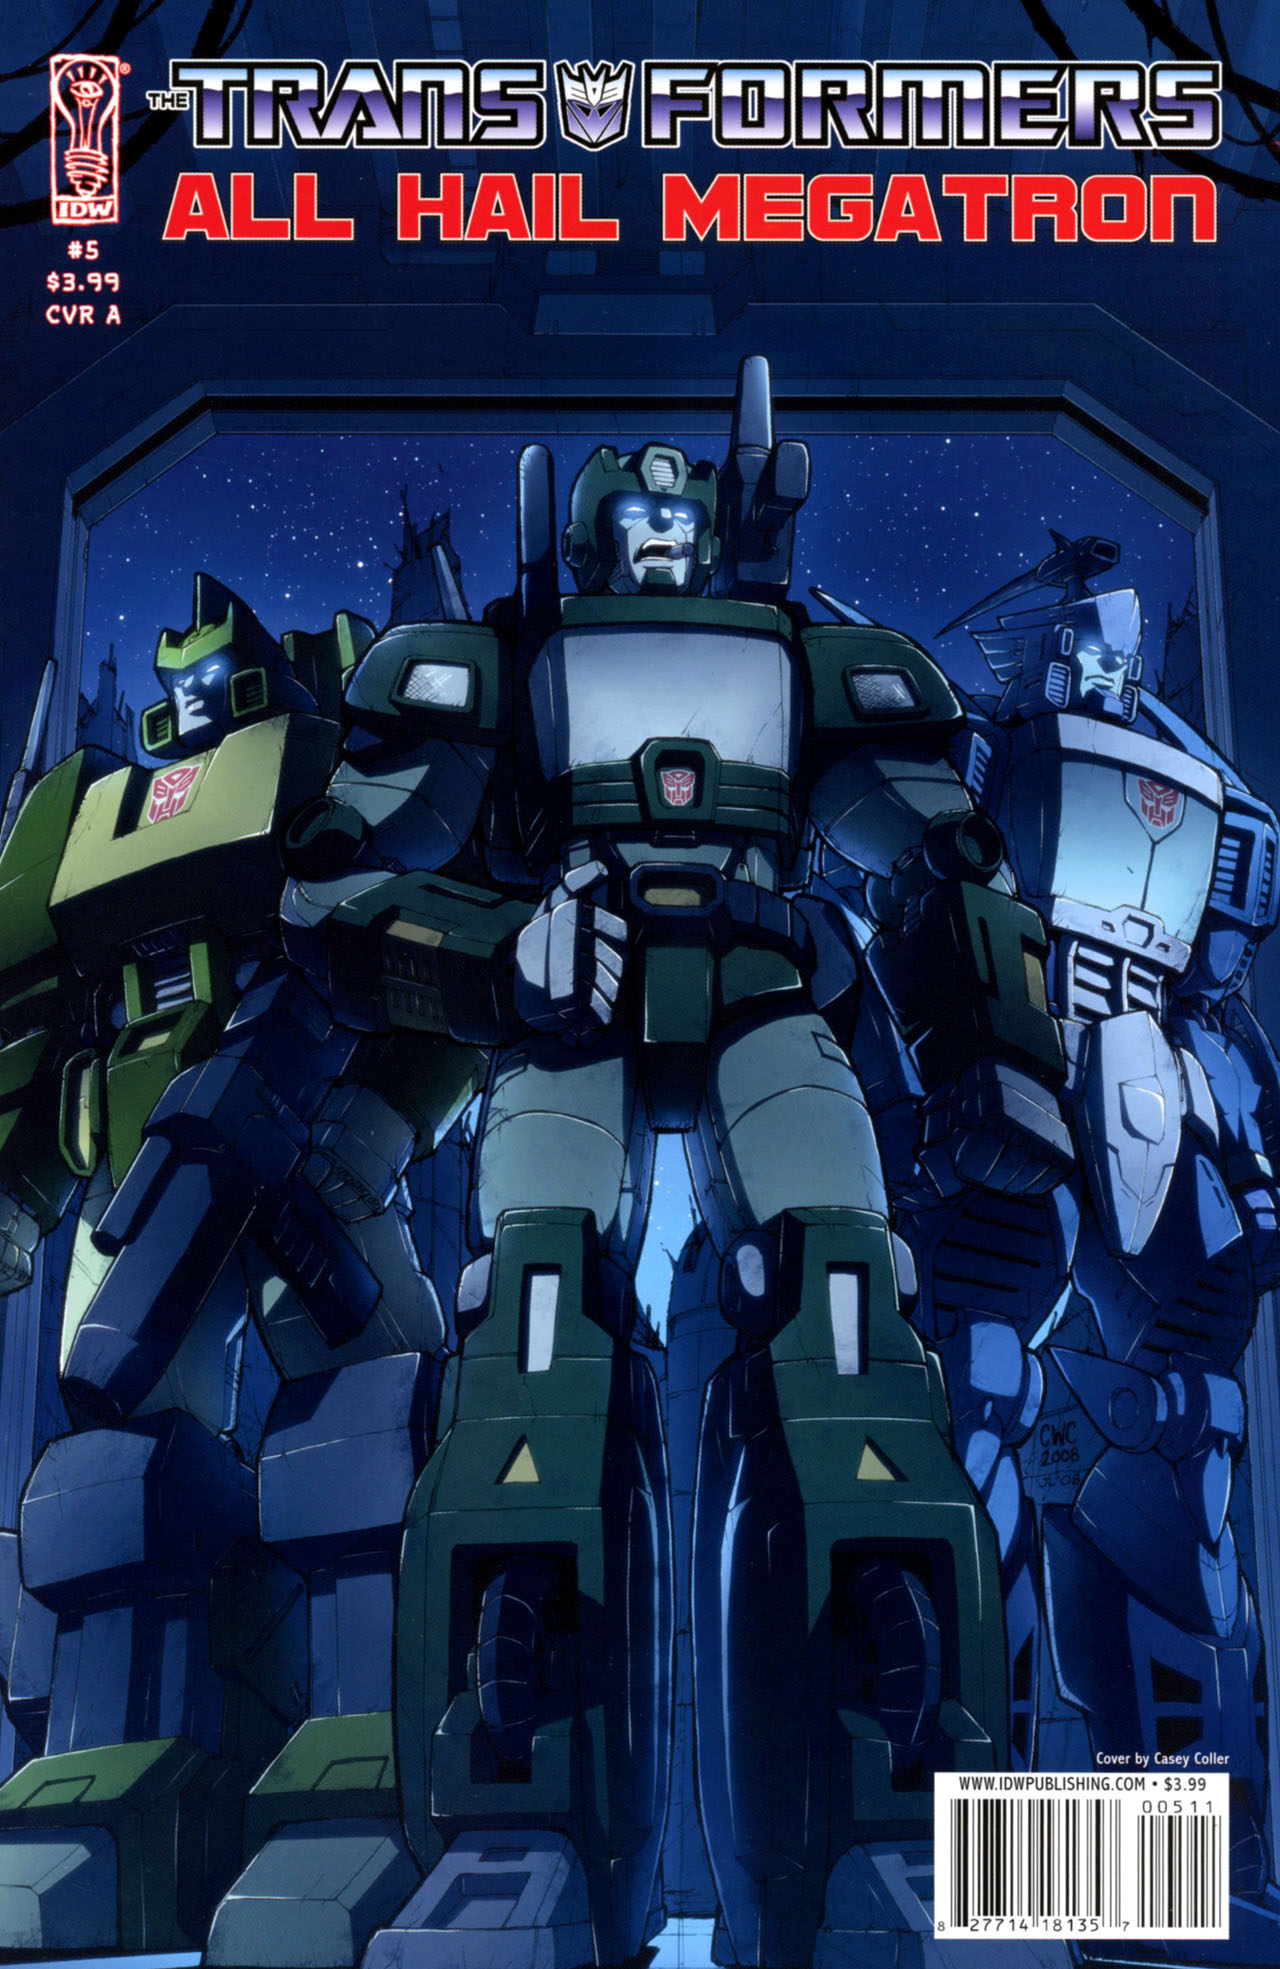 Комиксы Онлайн - Трансформеры: Да здравствует Мегатрон - # 5 - Страница №1 - Transformers: All Hail Megatron - # 5